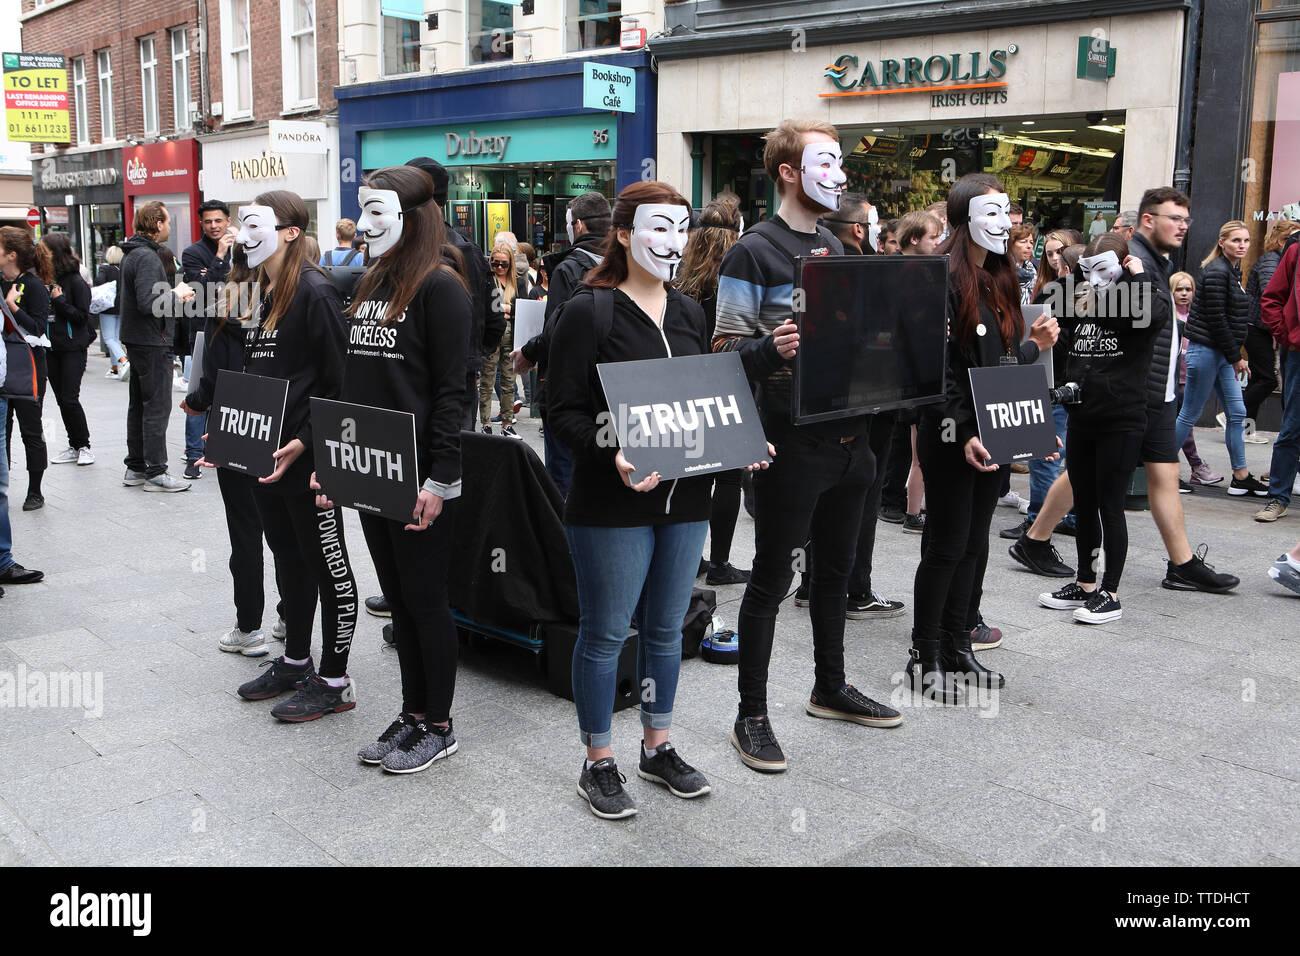 Meat is murder demo sur Grafton Street, Dublin, Irlande. Pour les sans-voix anonyme chapter en Irlande Photo Stock